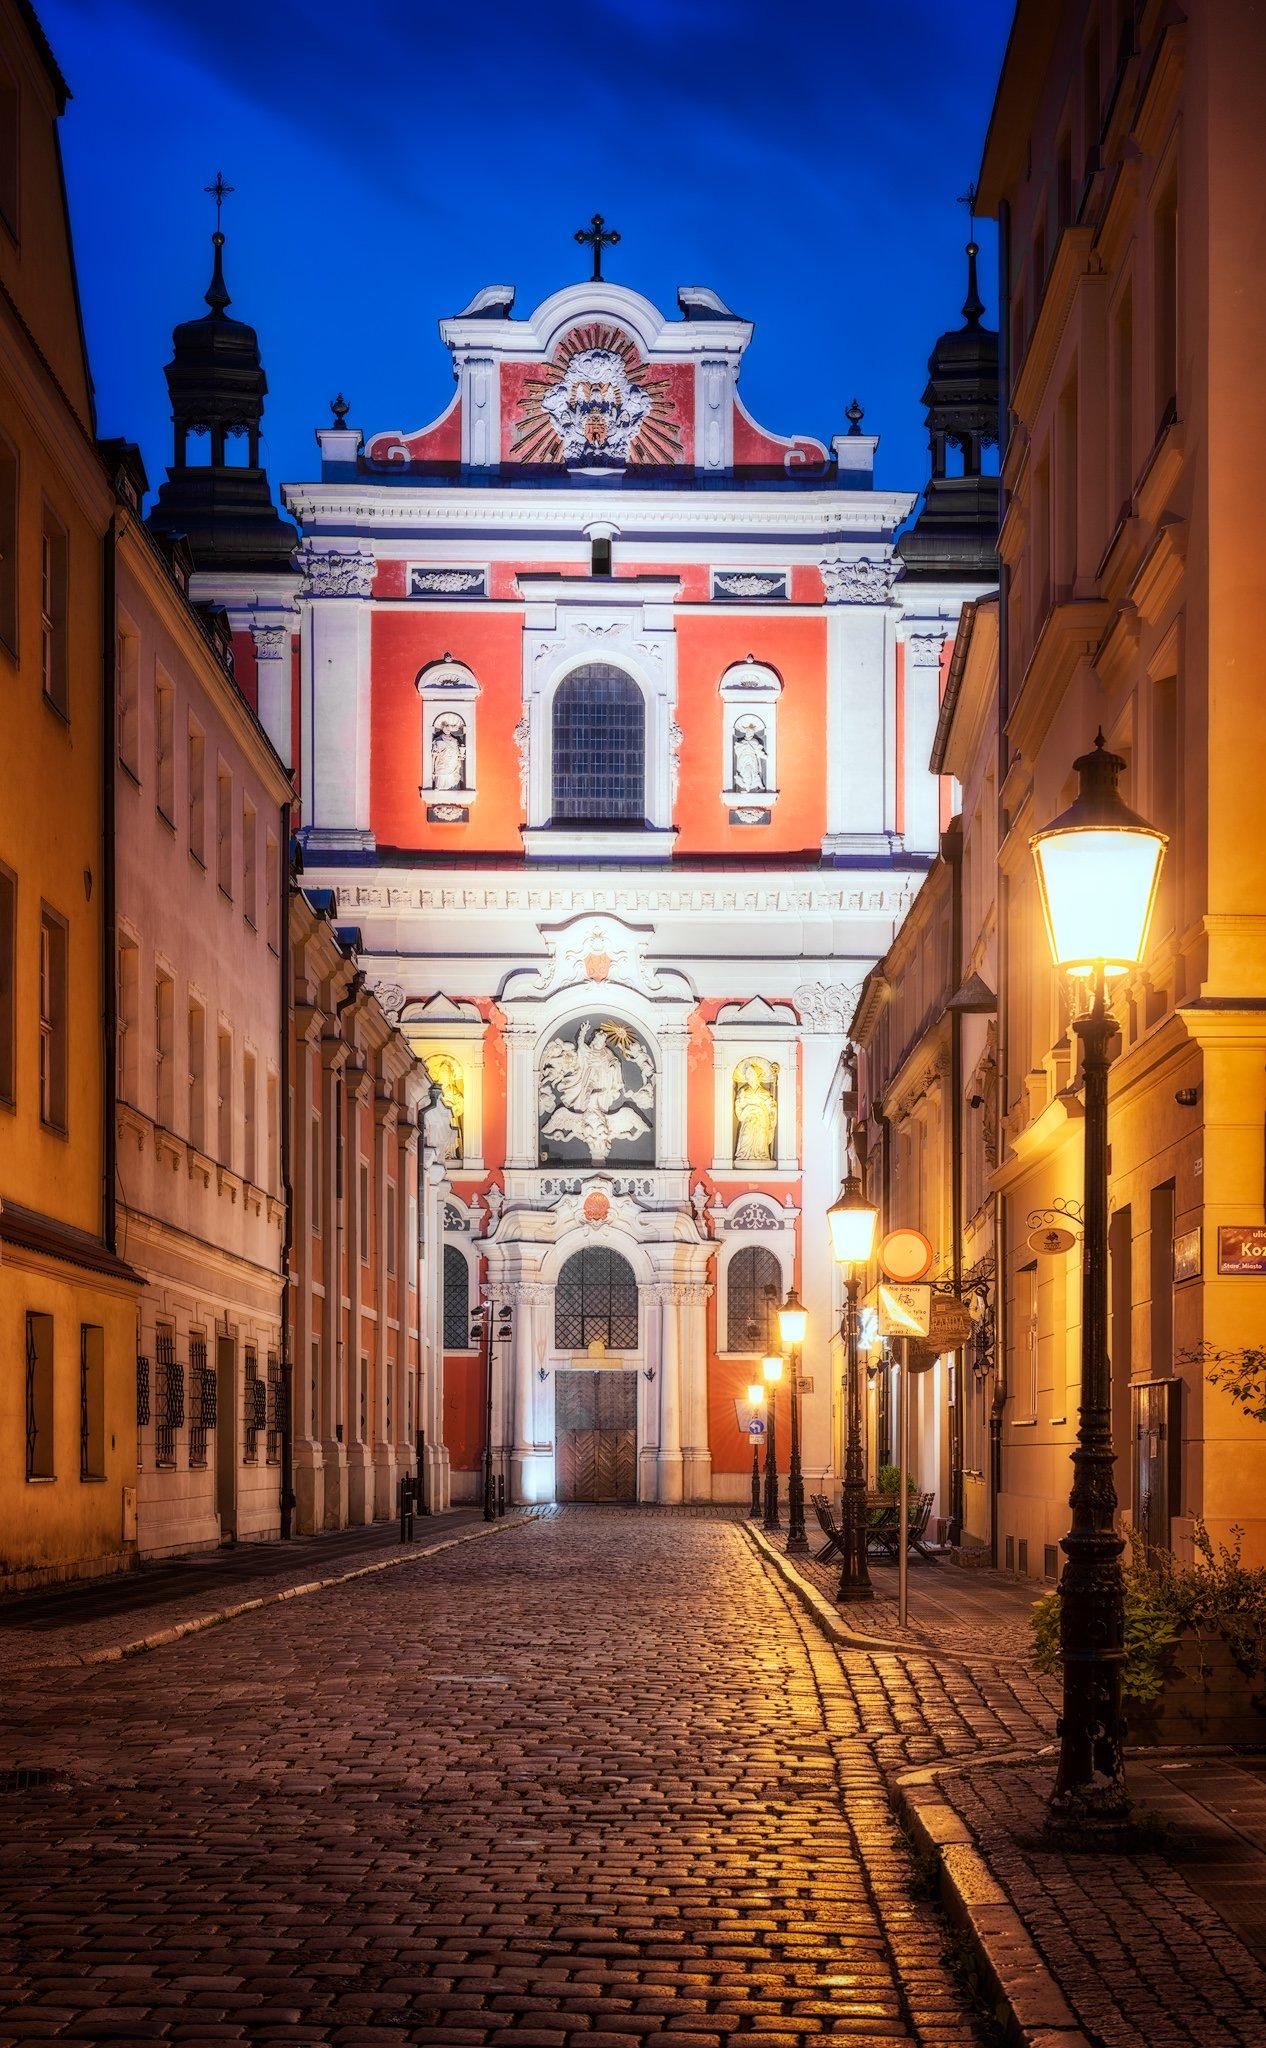 Poznan Fara 's nachts - barokke Basiliek van Onze-Lieve-Vrouw van Eeuwige Hulp, Maria Magdalena en de Heilige Stanislaus; Polen